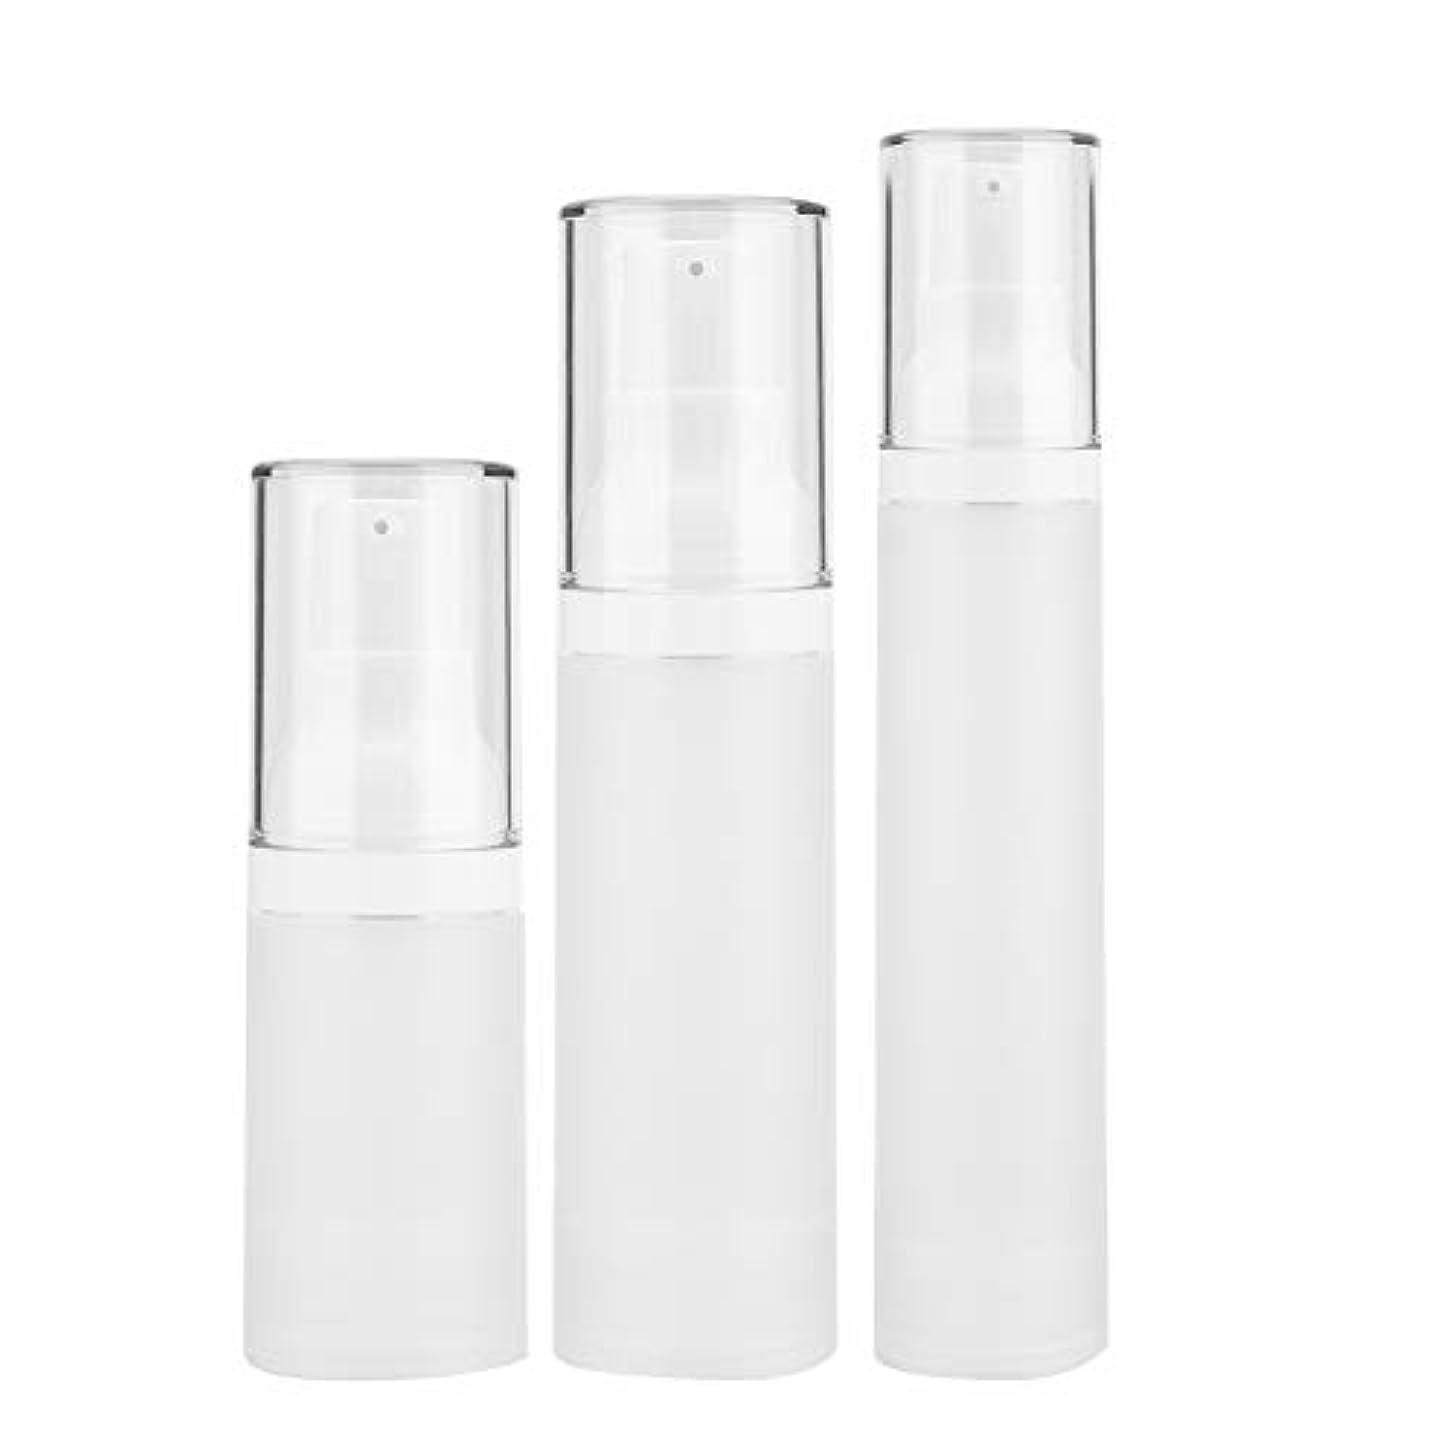 不適切な尾耕す3本入りトラベルボトルセット - 化粧品旅行用容器、化粧品容器が空の化粧品容器付きペットボトル - シャンプーとスプレー用(3 pcs)